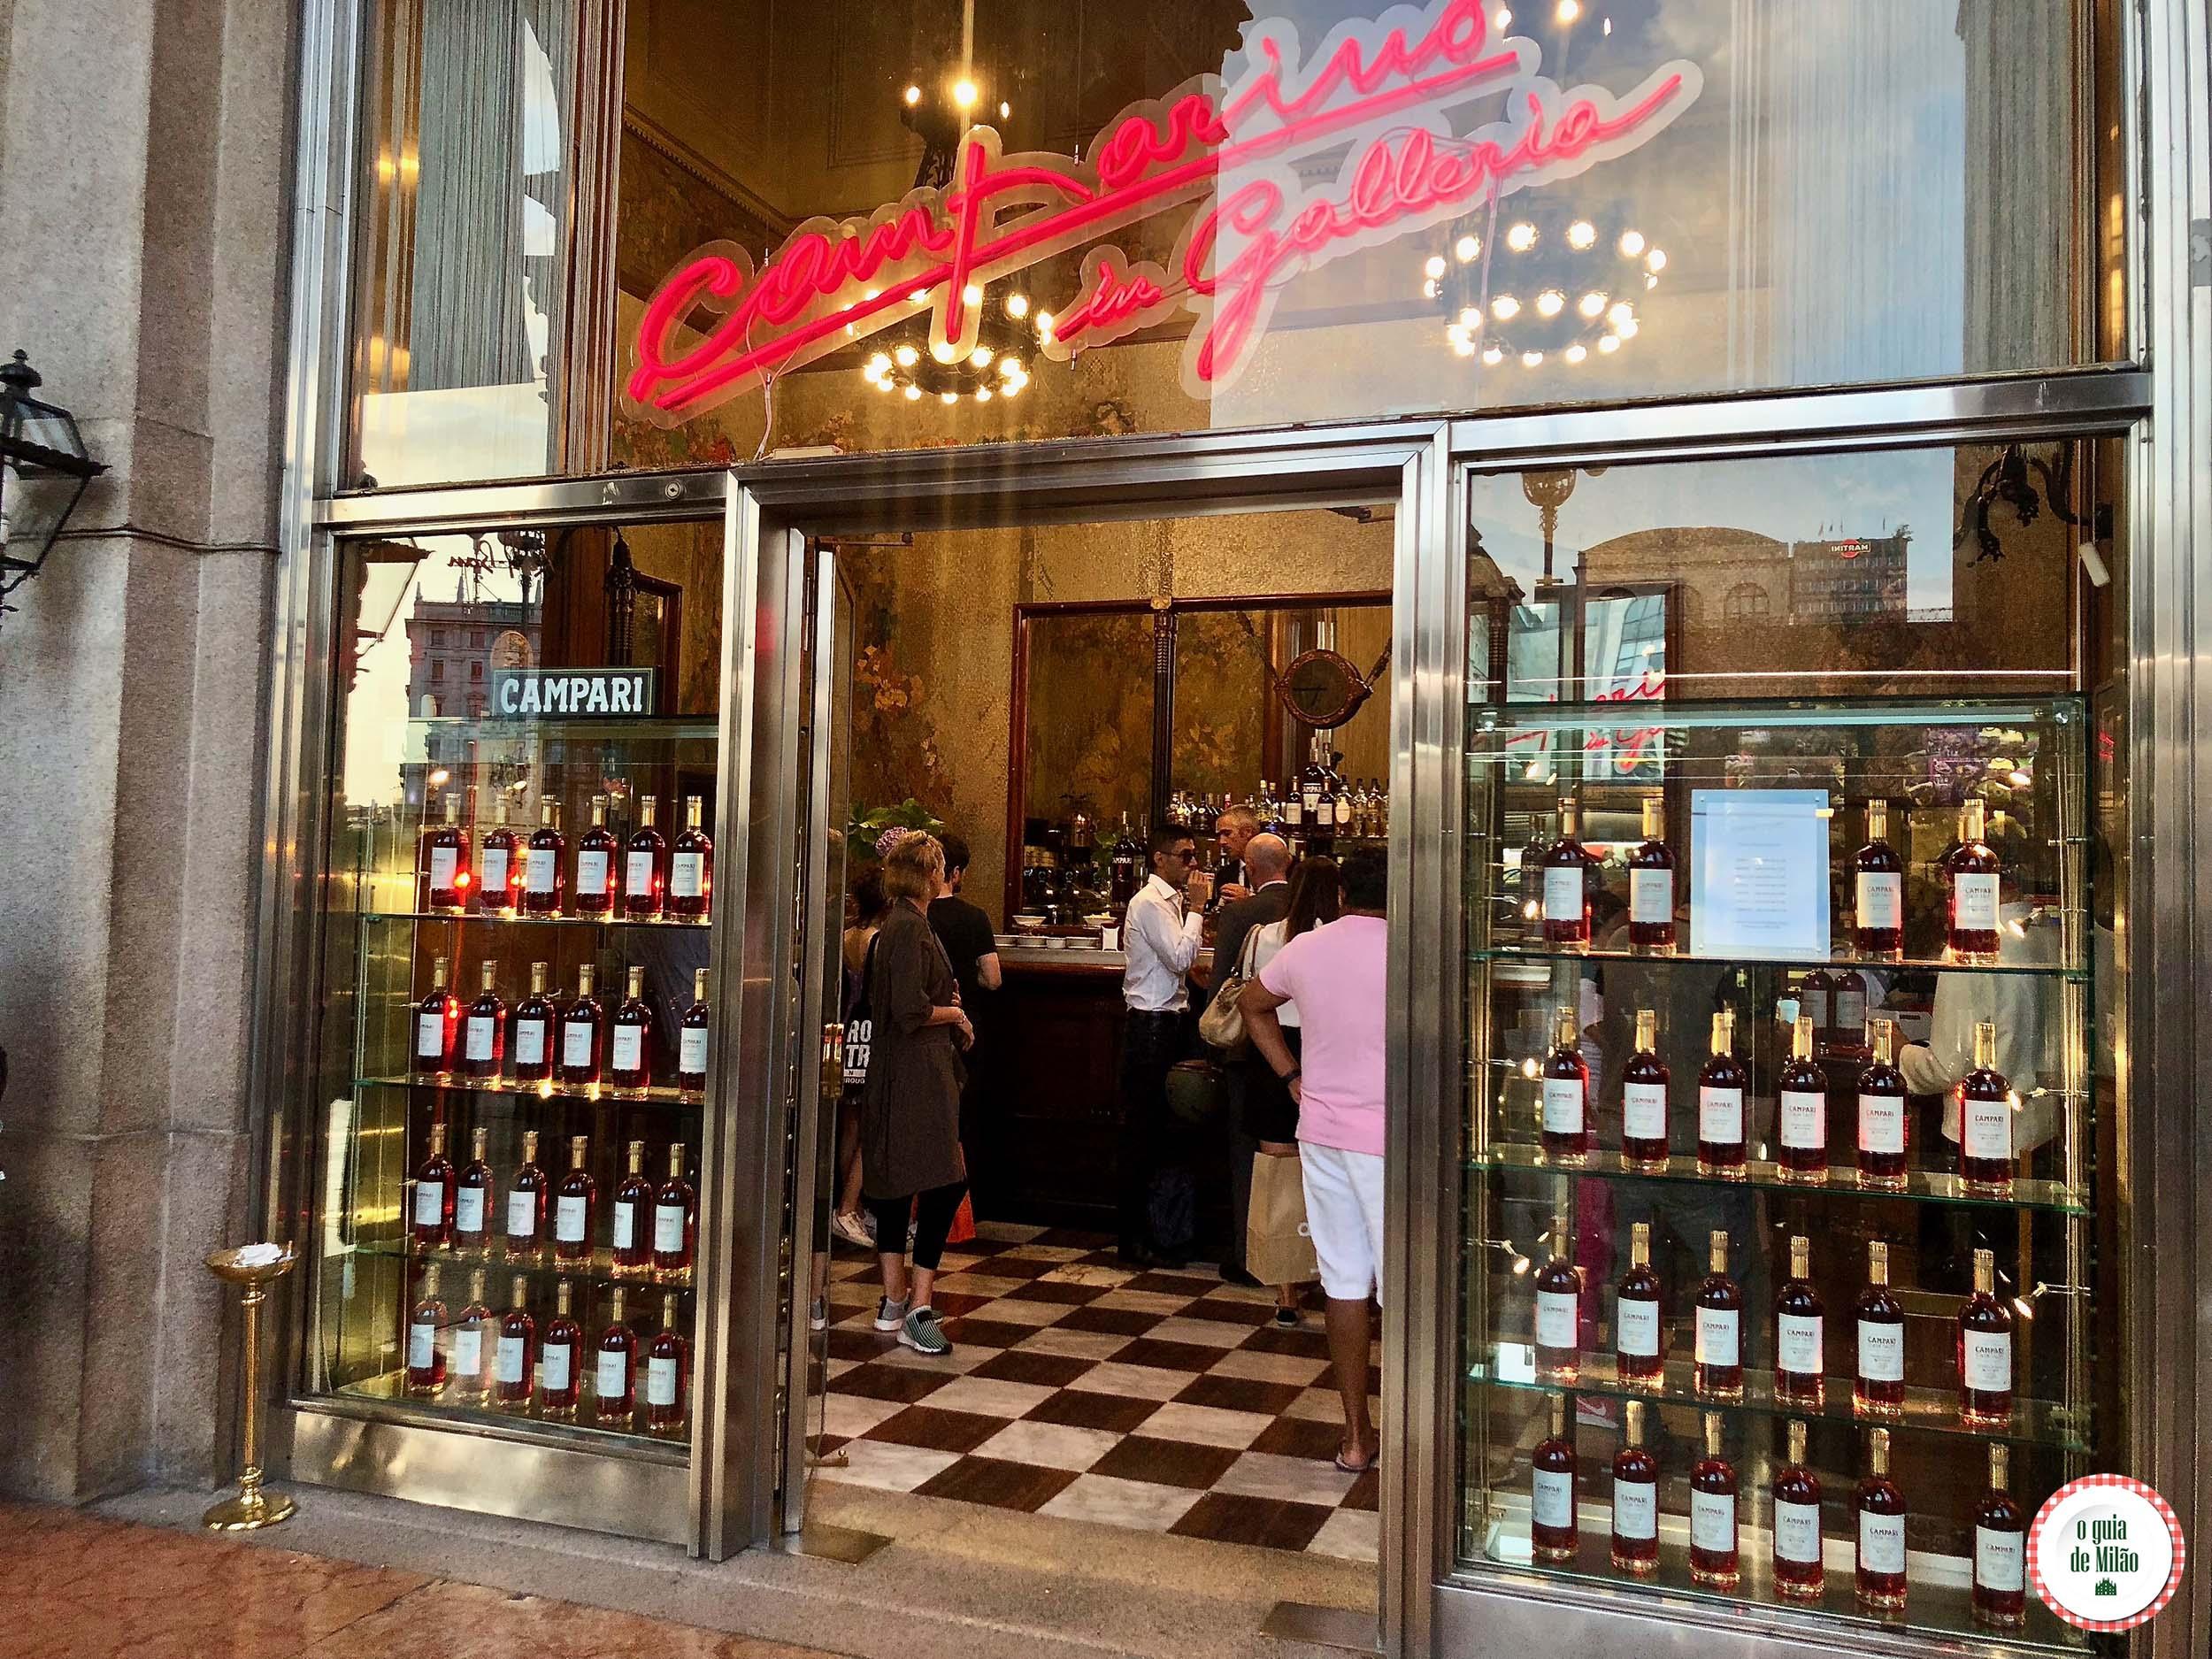 O histórico bar Camparino em Milão